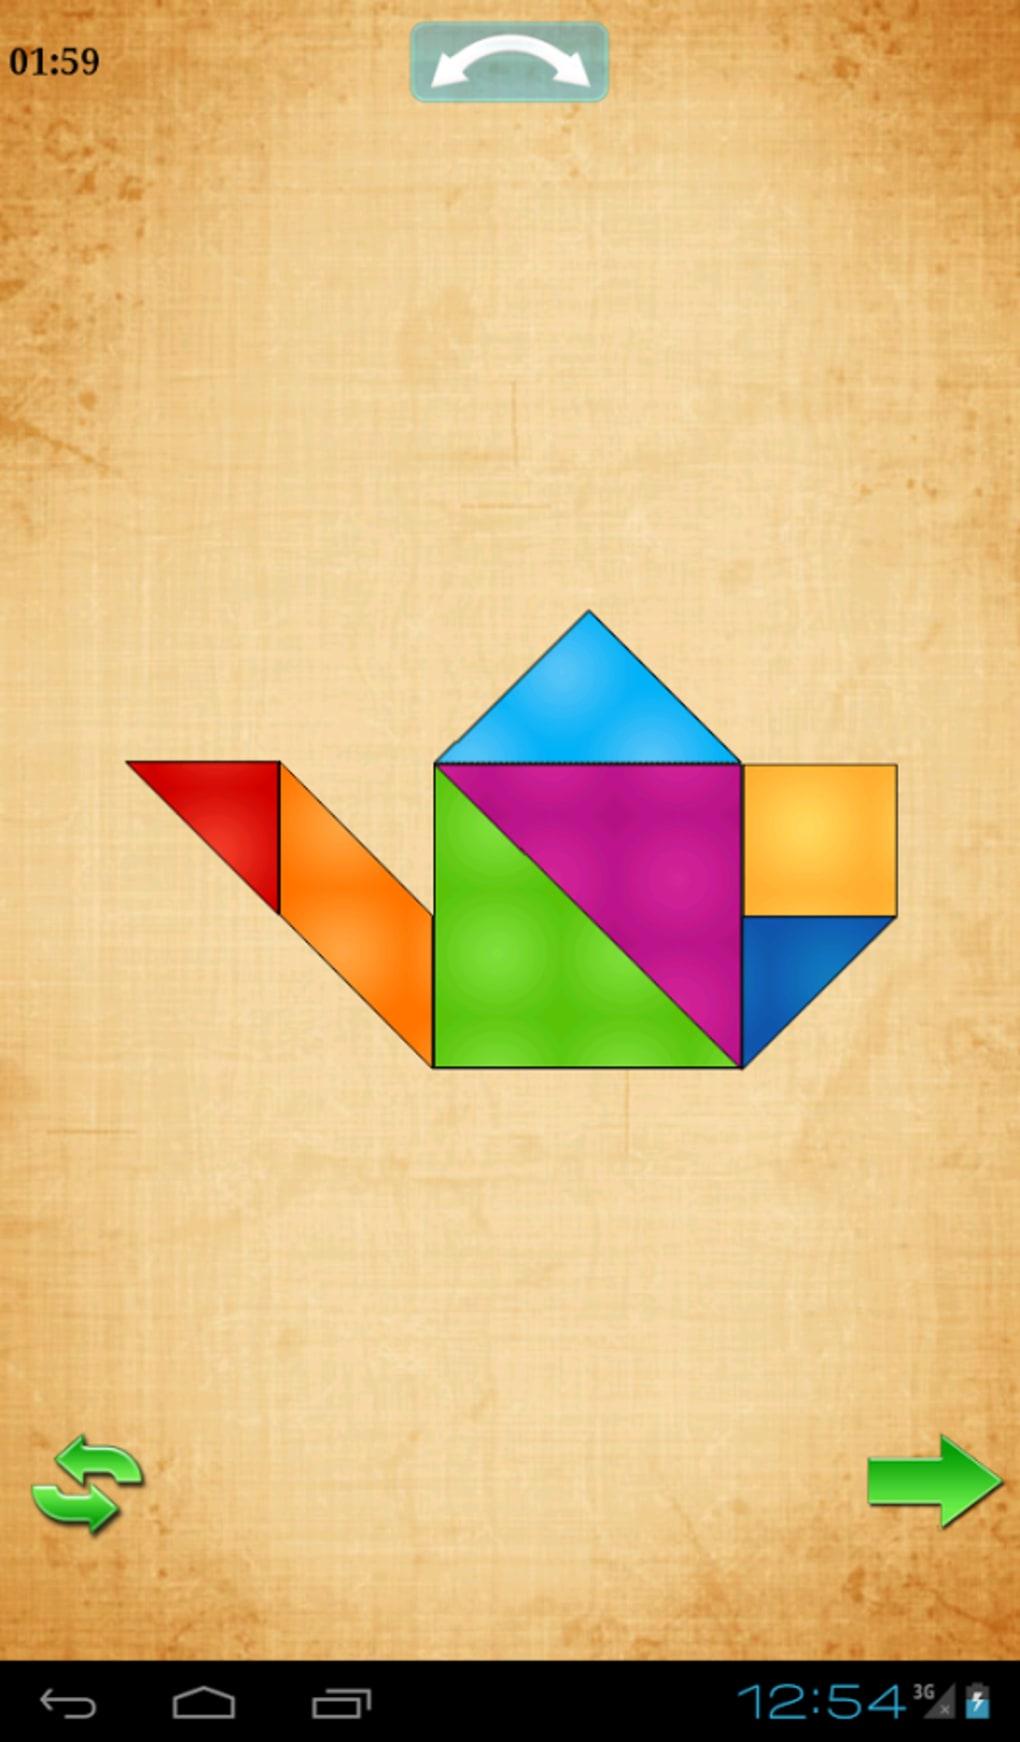 Tangram Hd Pour Android - Télécharger dedans Jeux De Tangram Gratuit